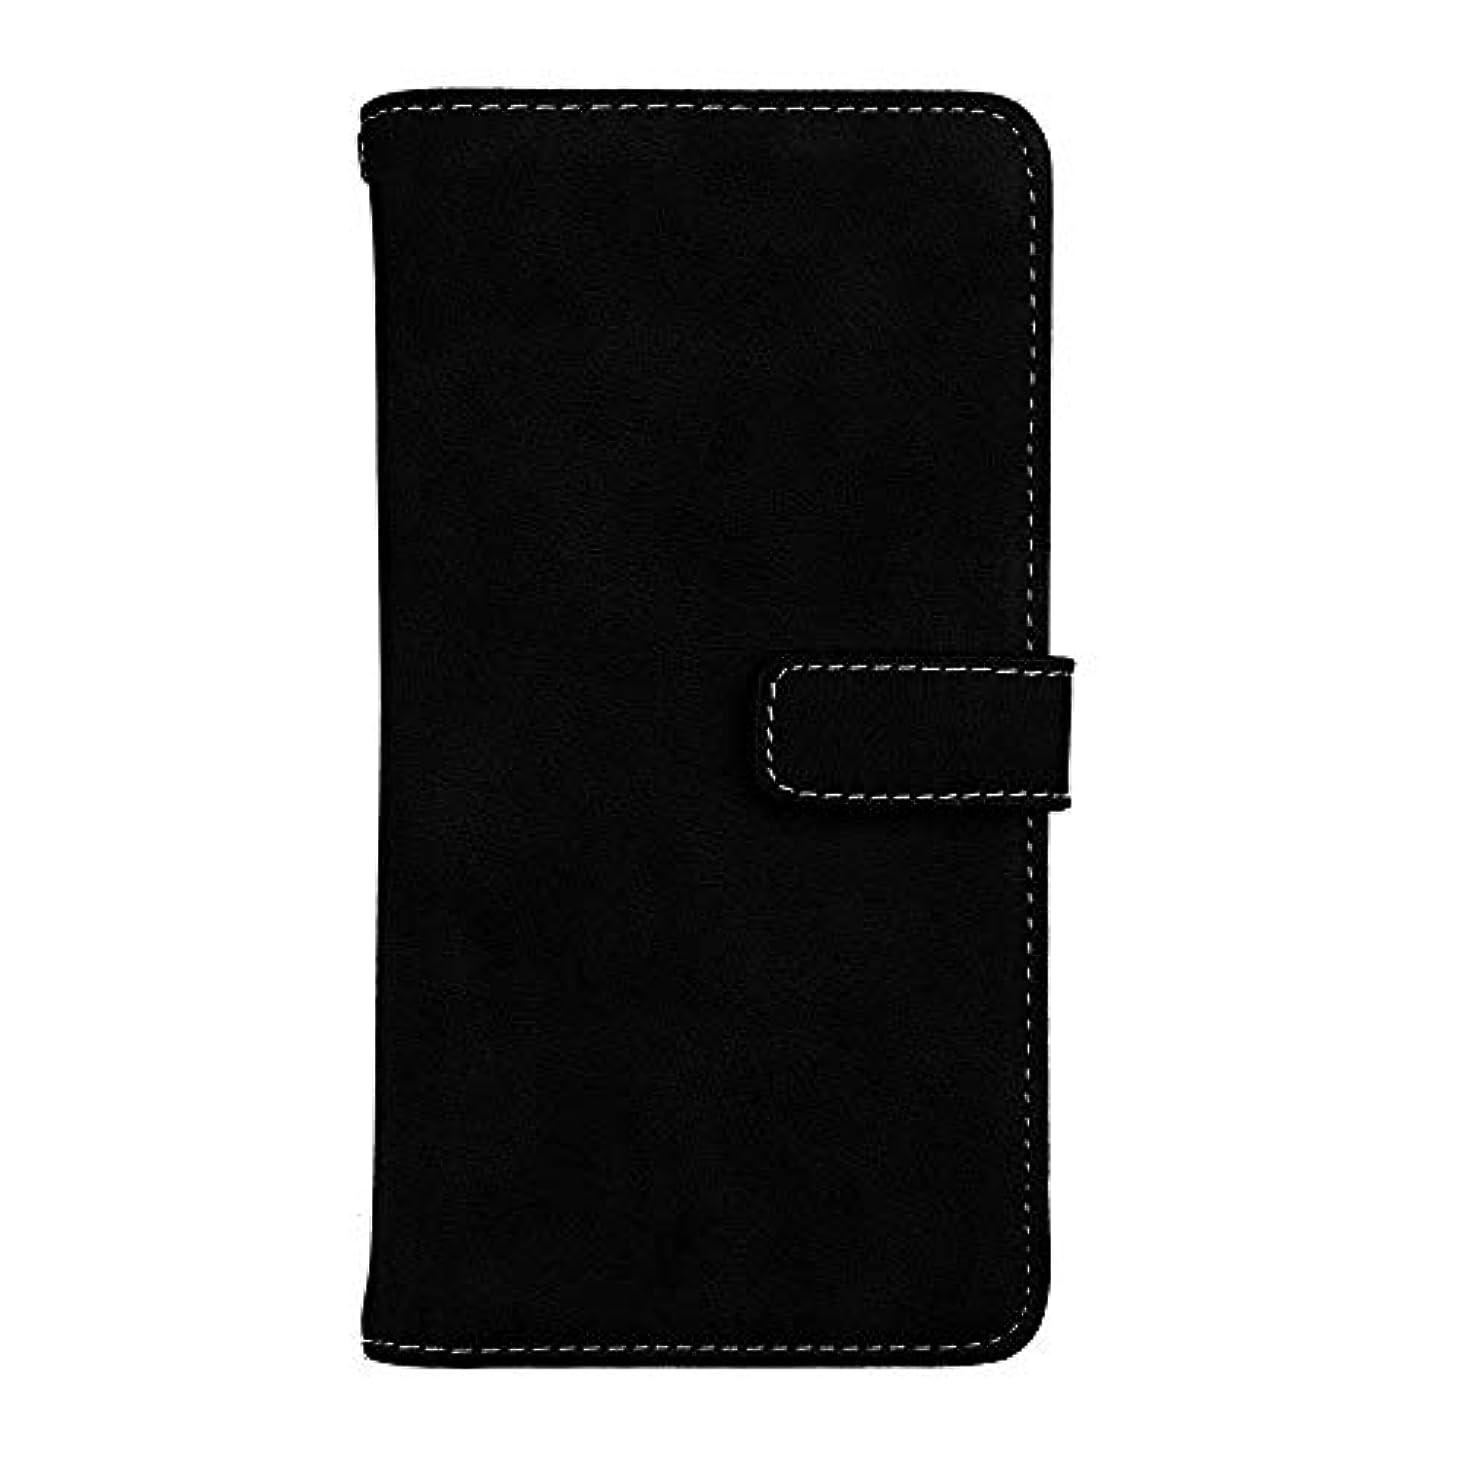 グローモディッシュ記憶Xiaomi Redmi Note 5 高品質 マグネット ケース, CUNUS 携帯電話 ケース 軽量 柔軟 高品質 耐摩擦 カード収納 カバー Xiaomi Redmi Note 5 用, ブラック